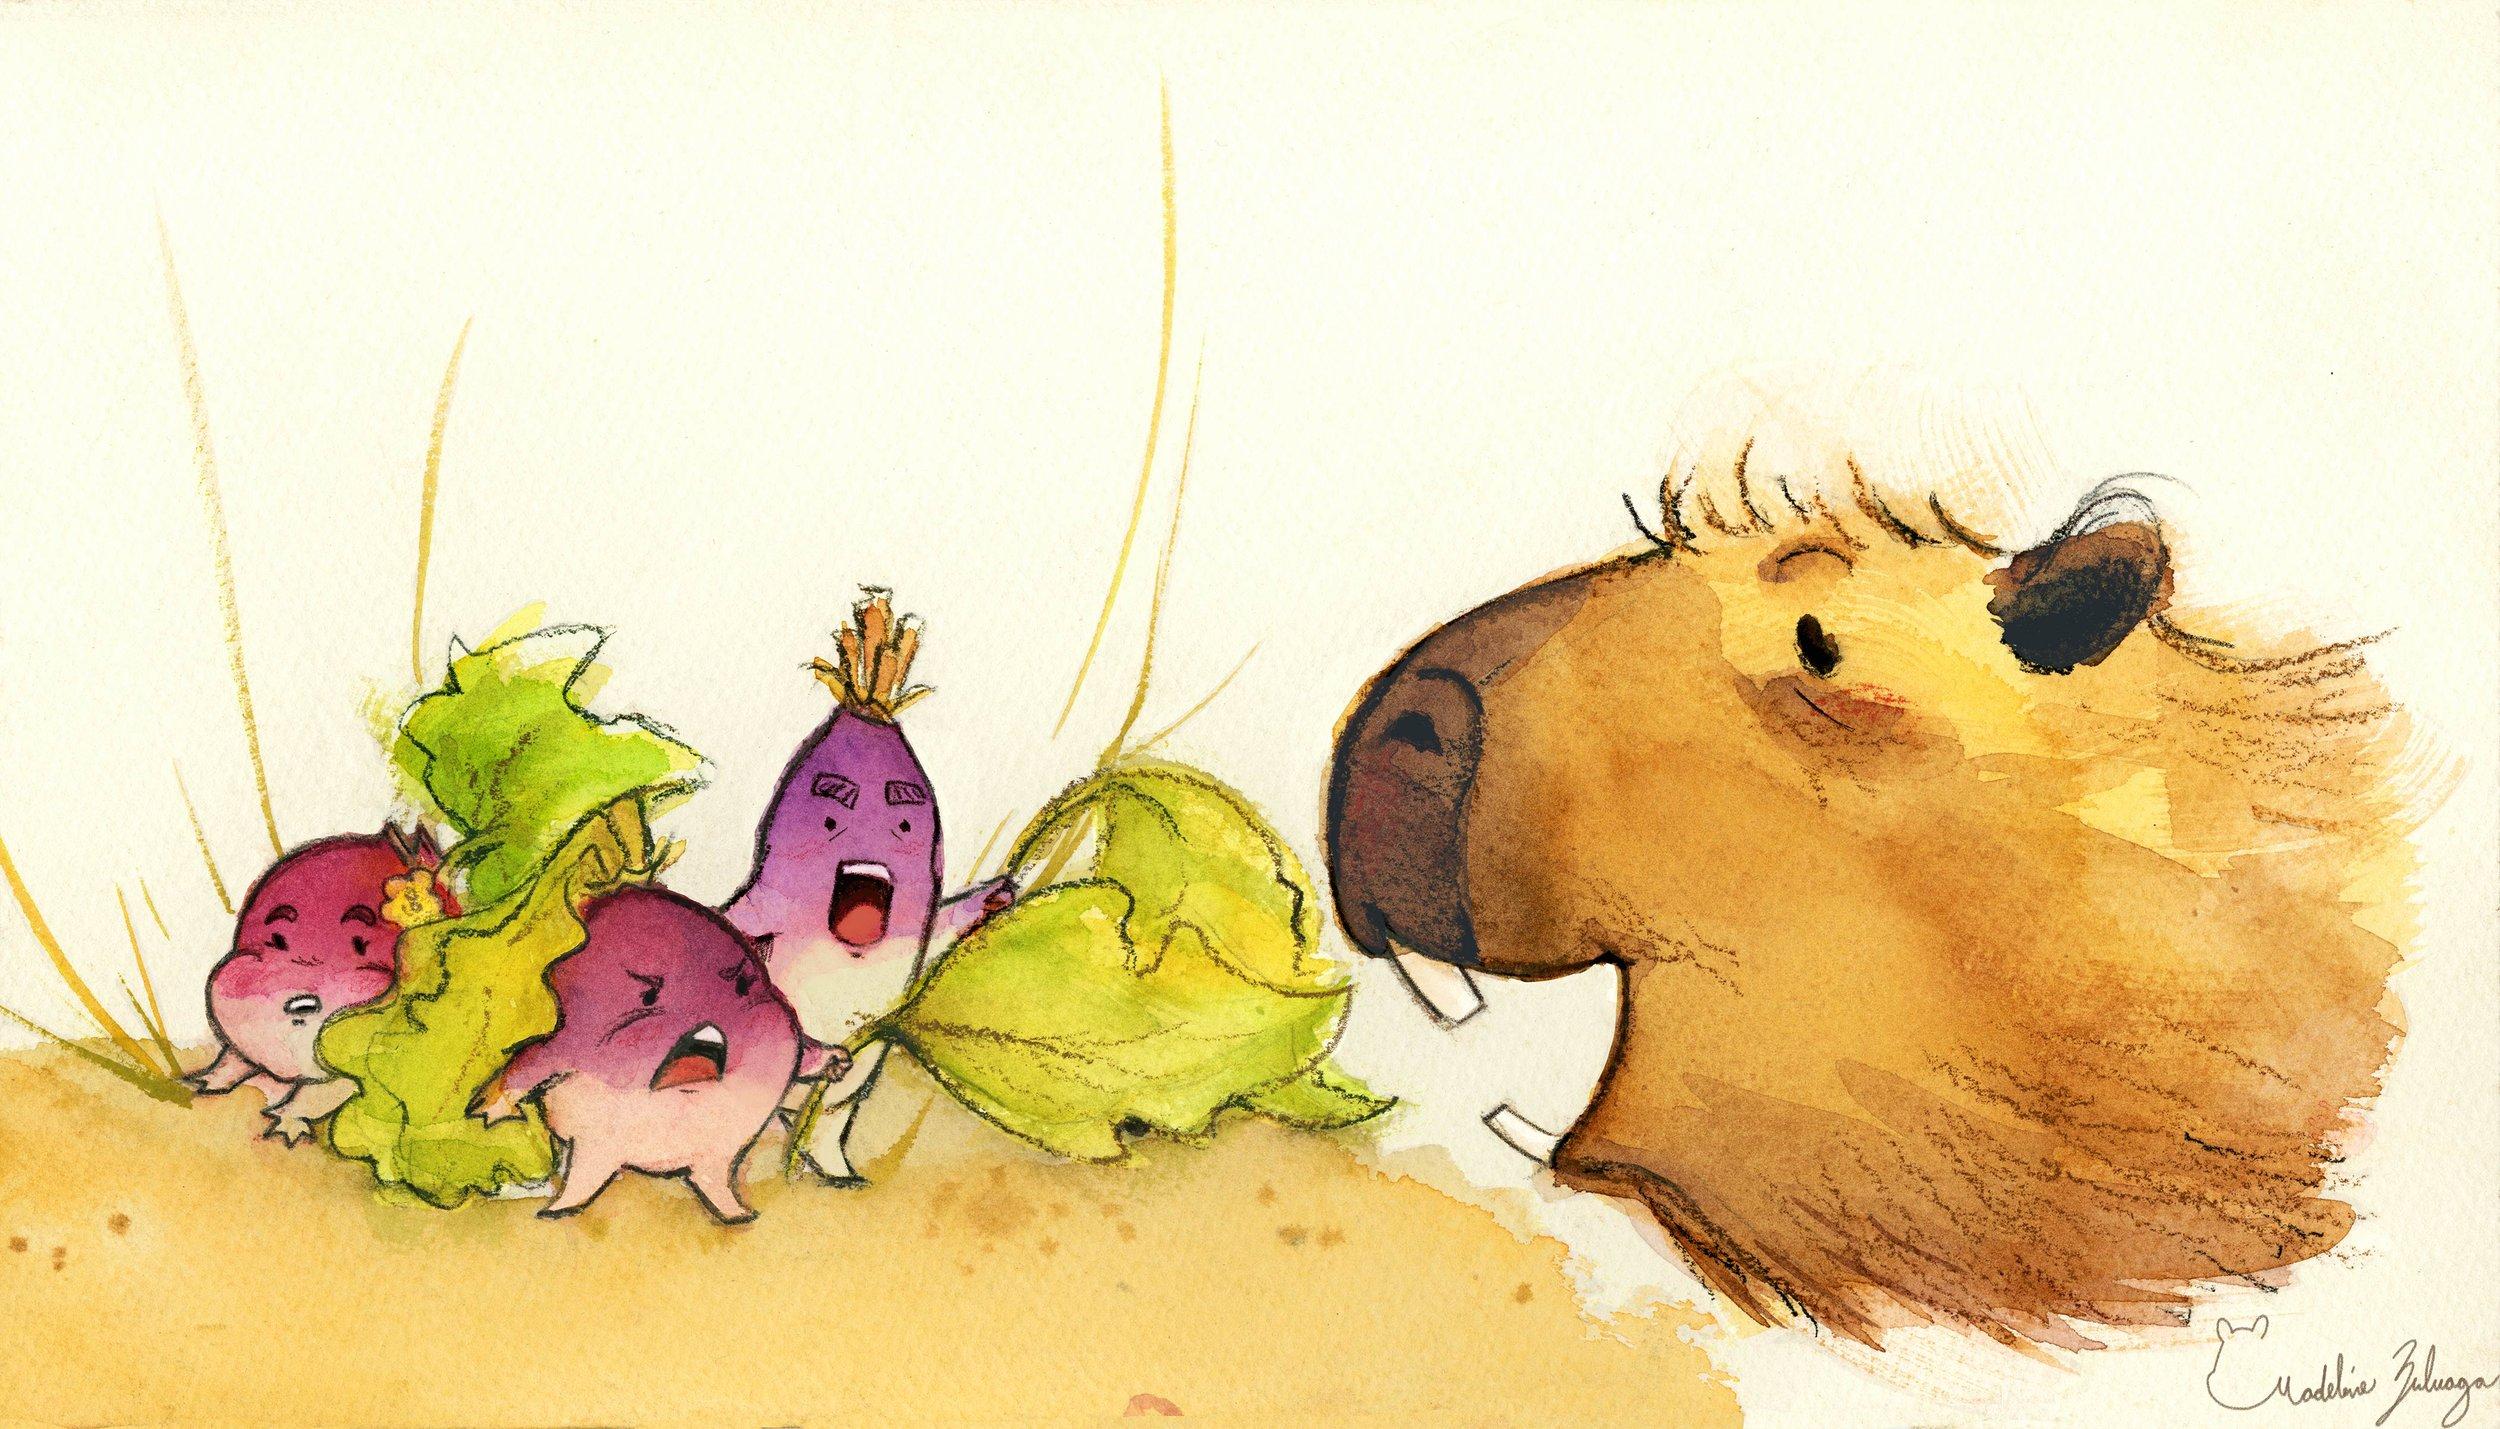 Madeline-Zuluaga---Mr.-Capybara-and-turnip-family.jpg